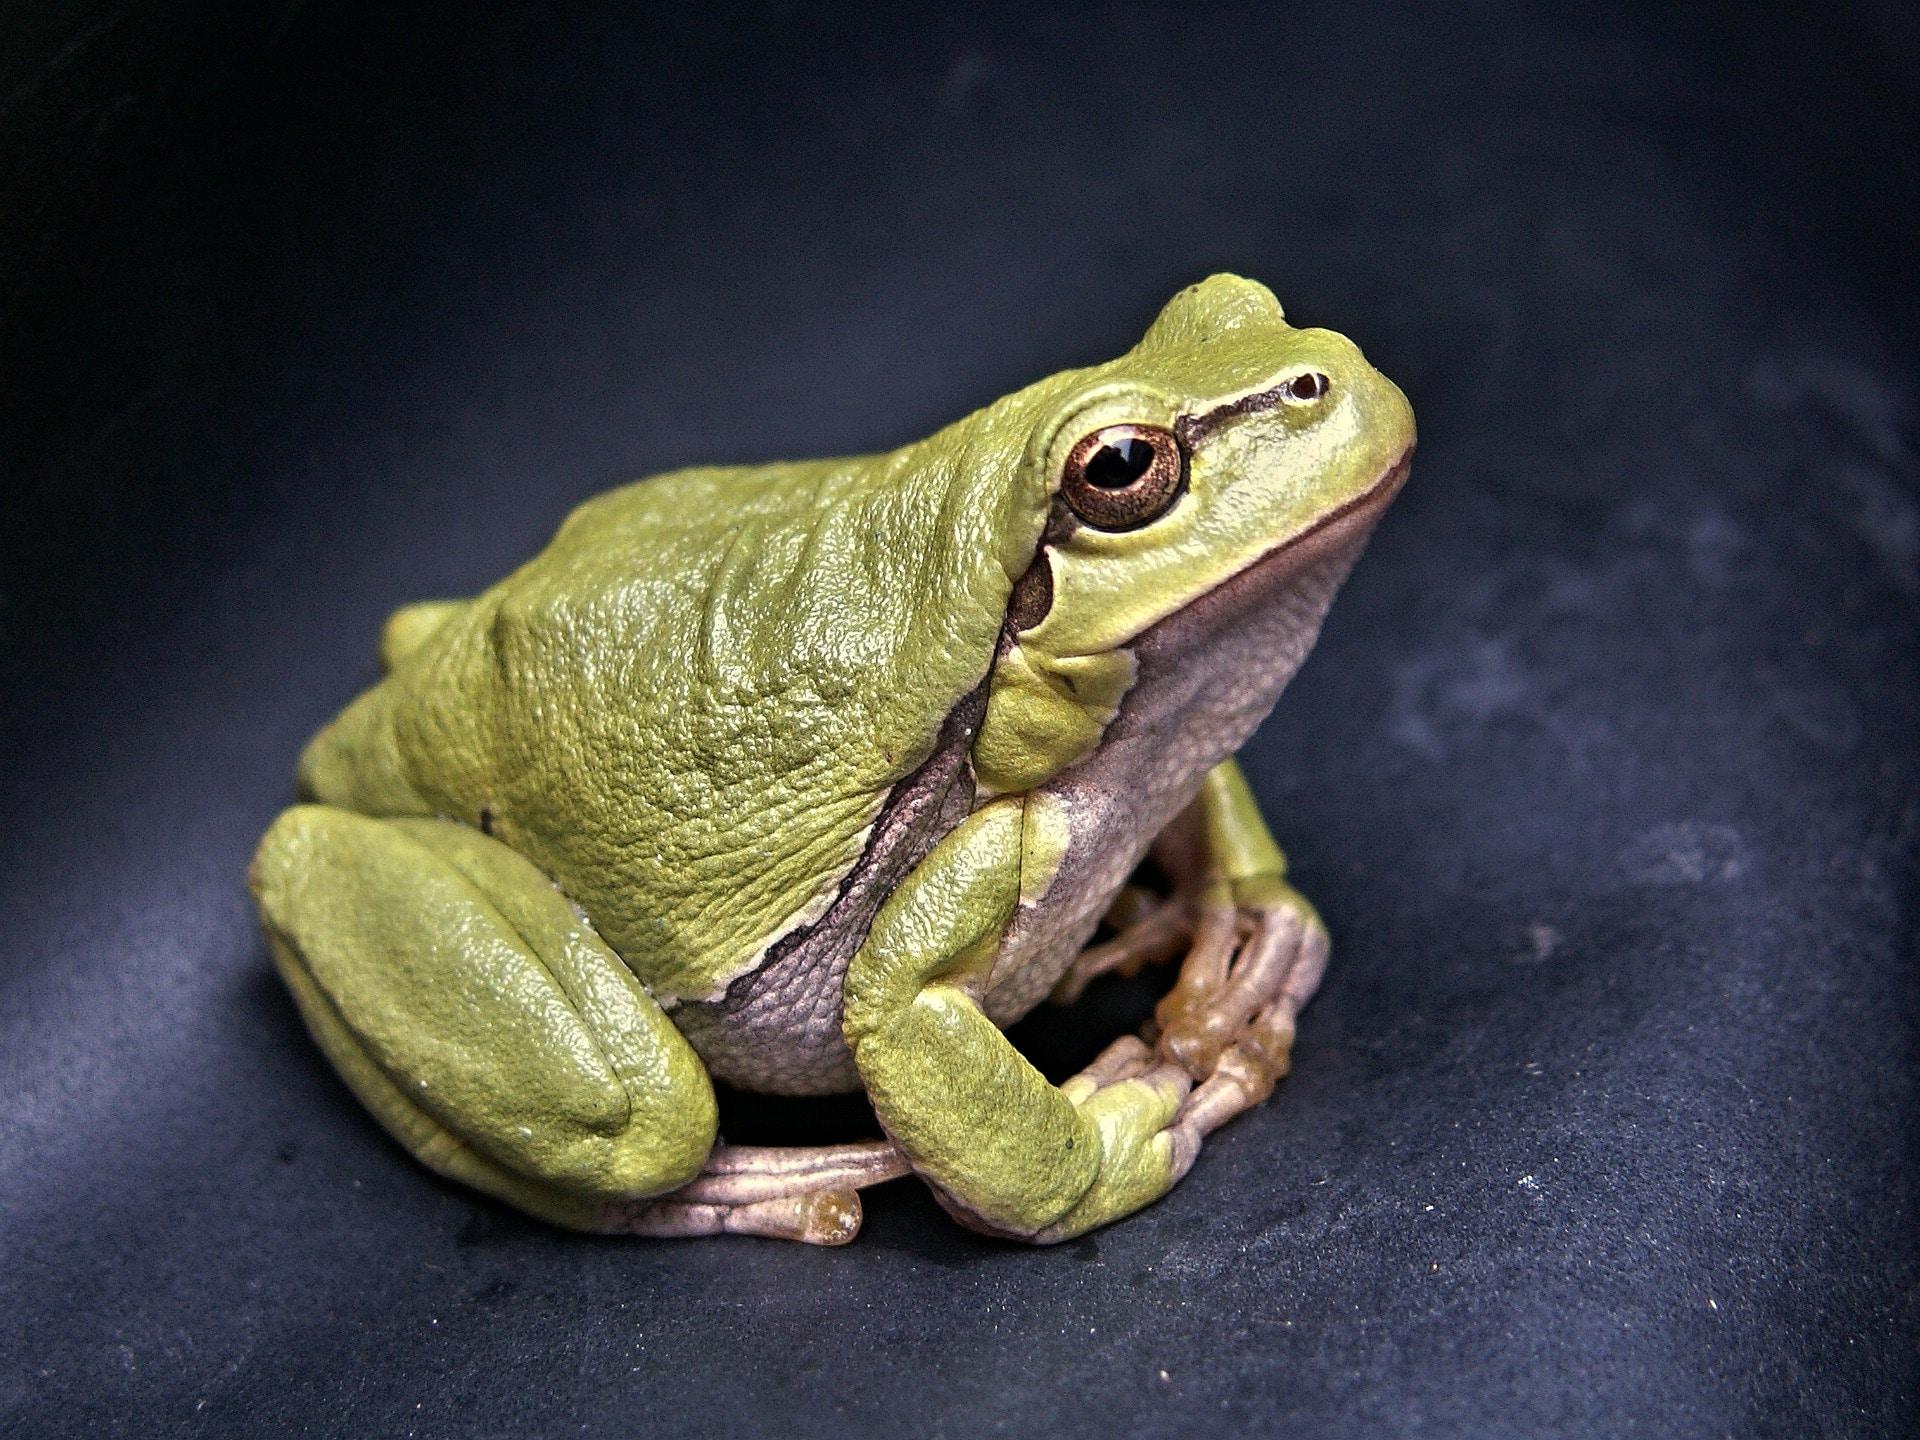 Los renacuajos pasan por una metamorfosis para convertirse en ranas